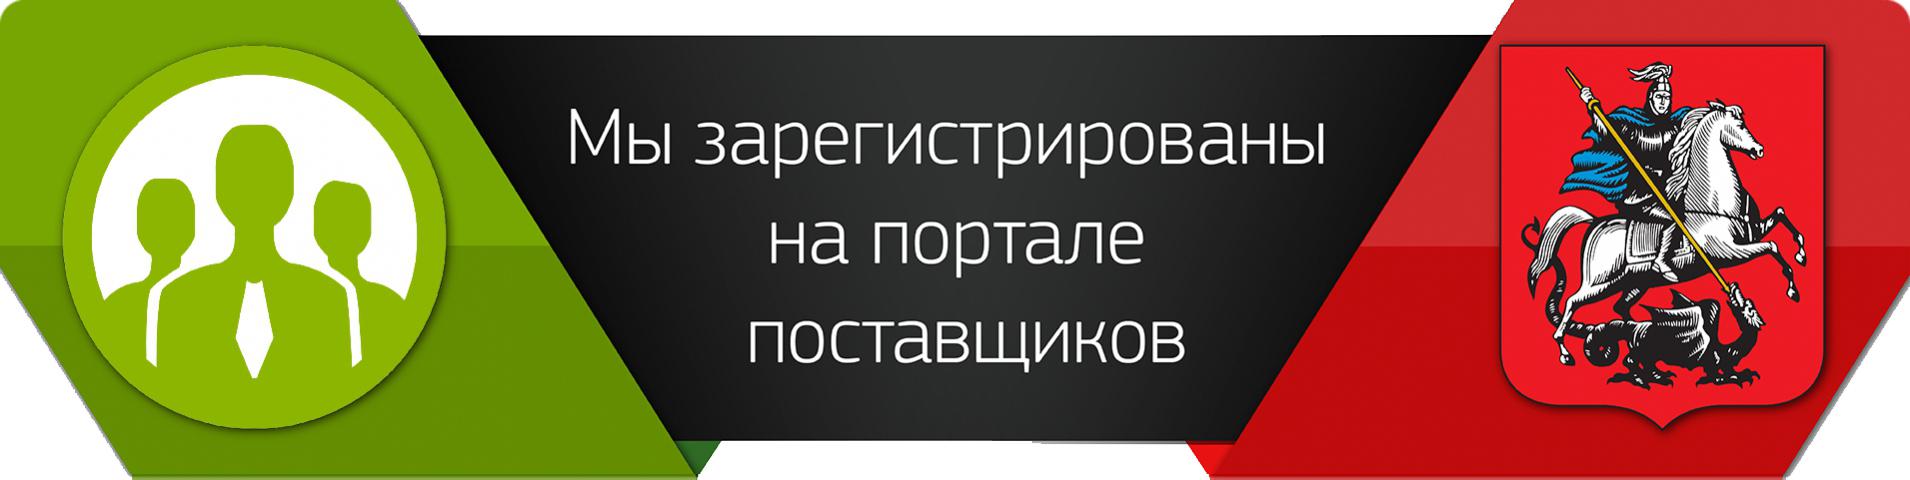 portal_postavschikov.jpg